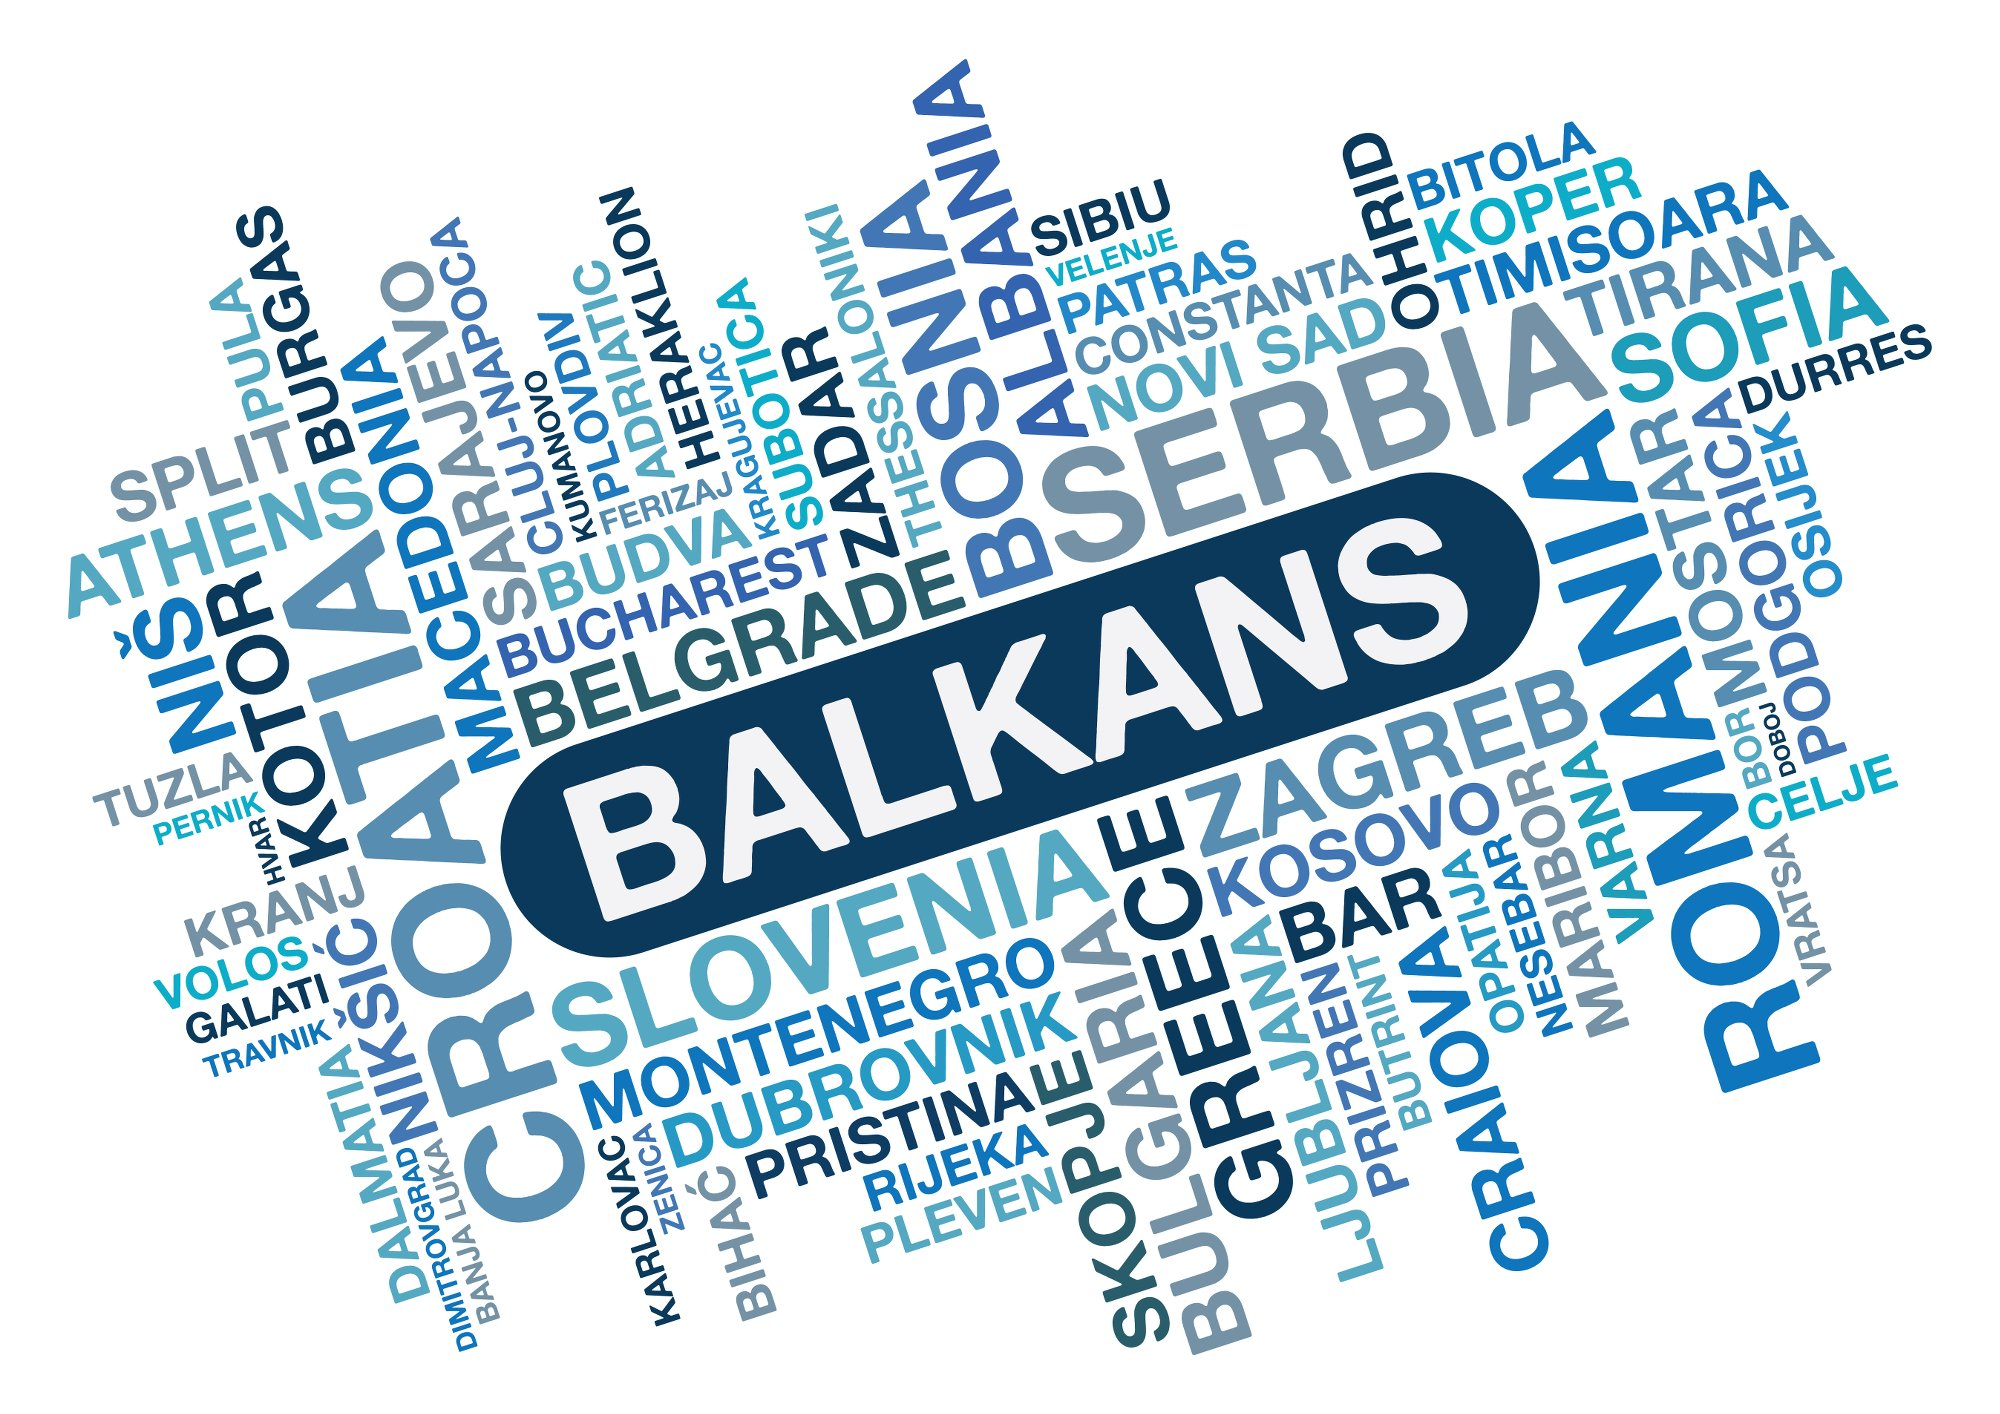 Balkans - deepstock/Shutterstock